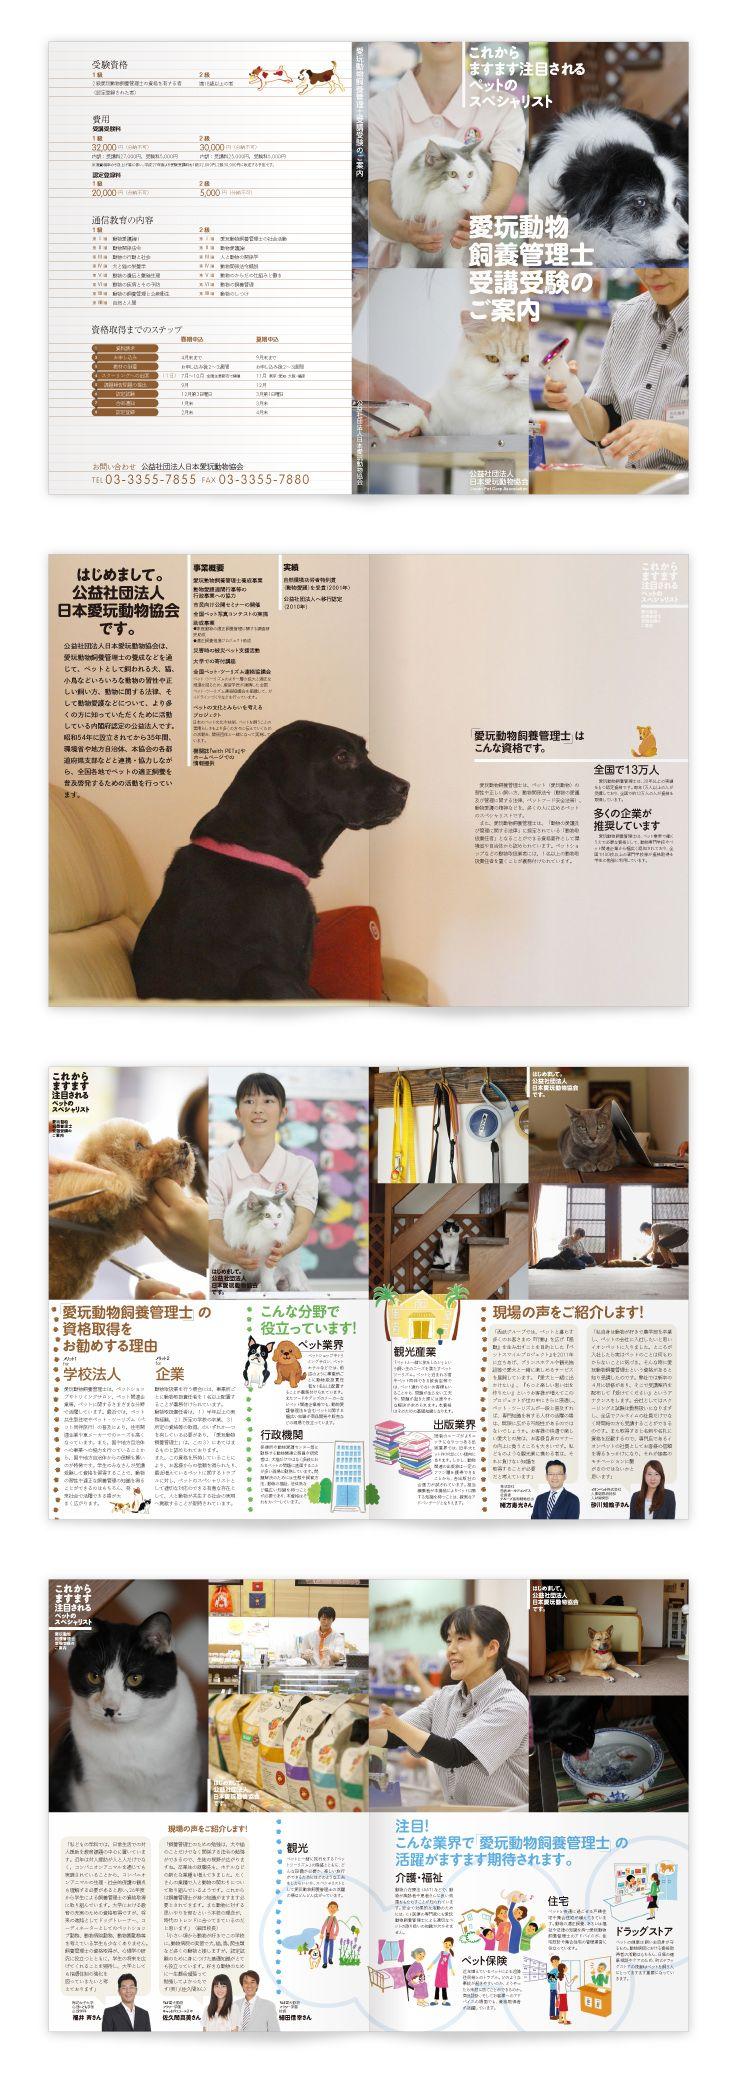 パンフレット/pamphlet   / Editorial Design